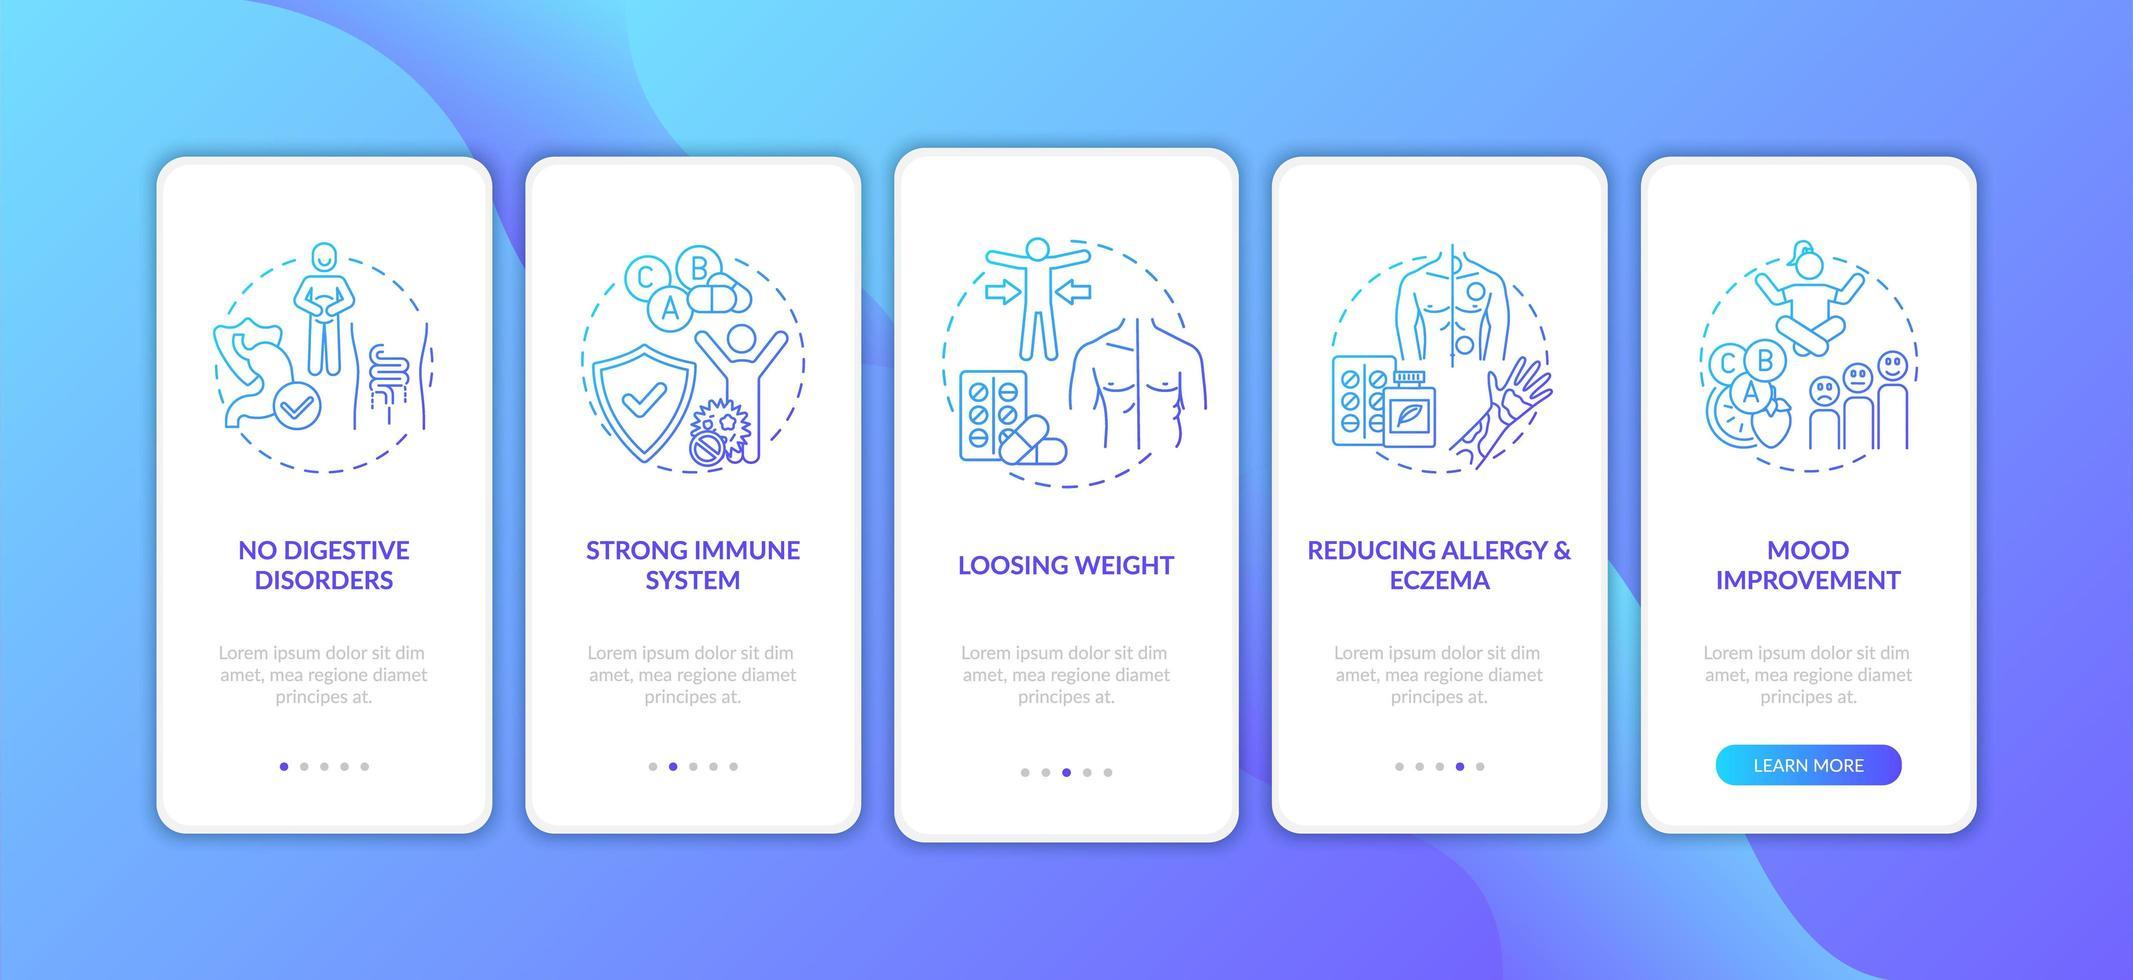 benefici dei probiotici, schermata della pagina dell'app mobile vettore